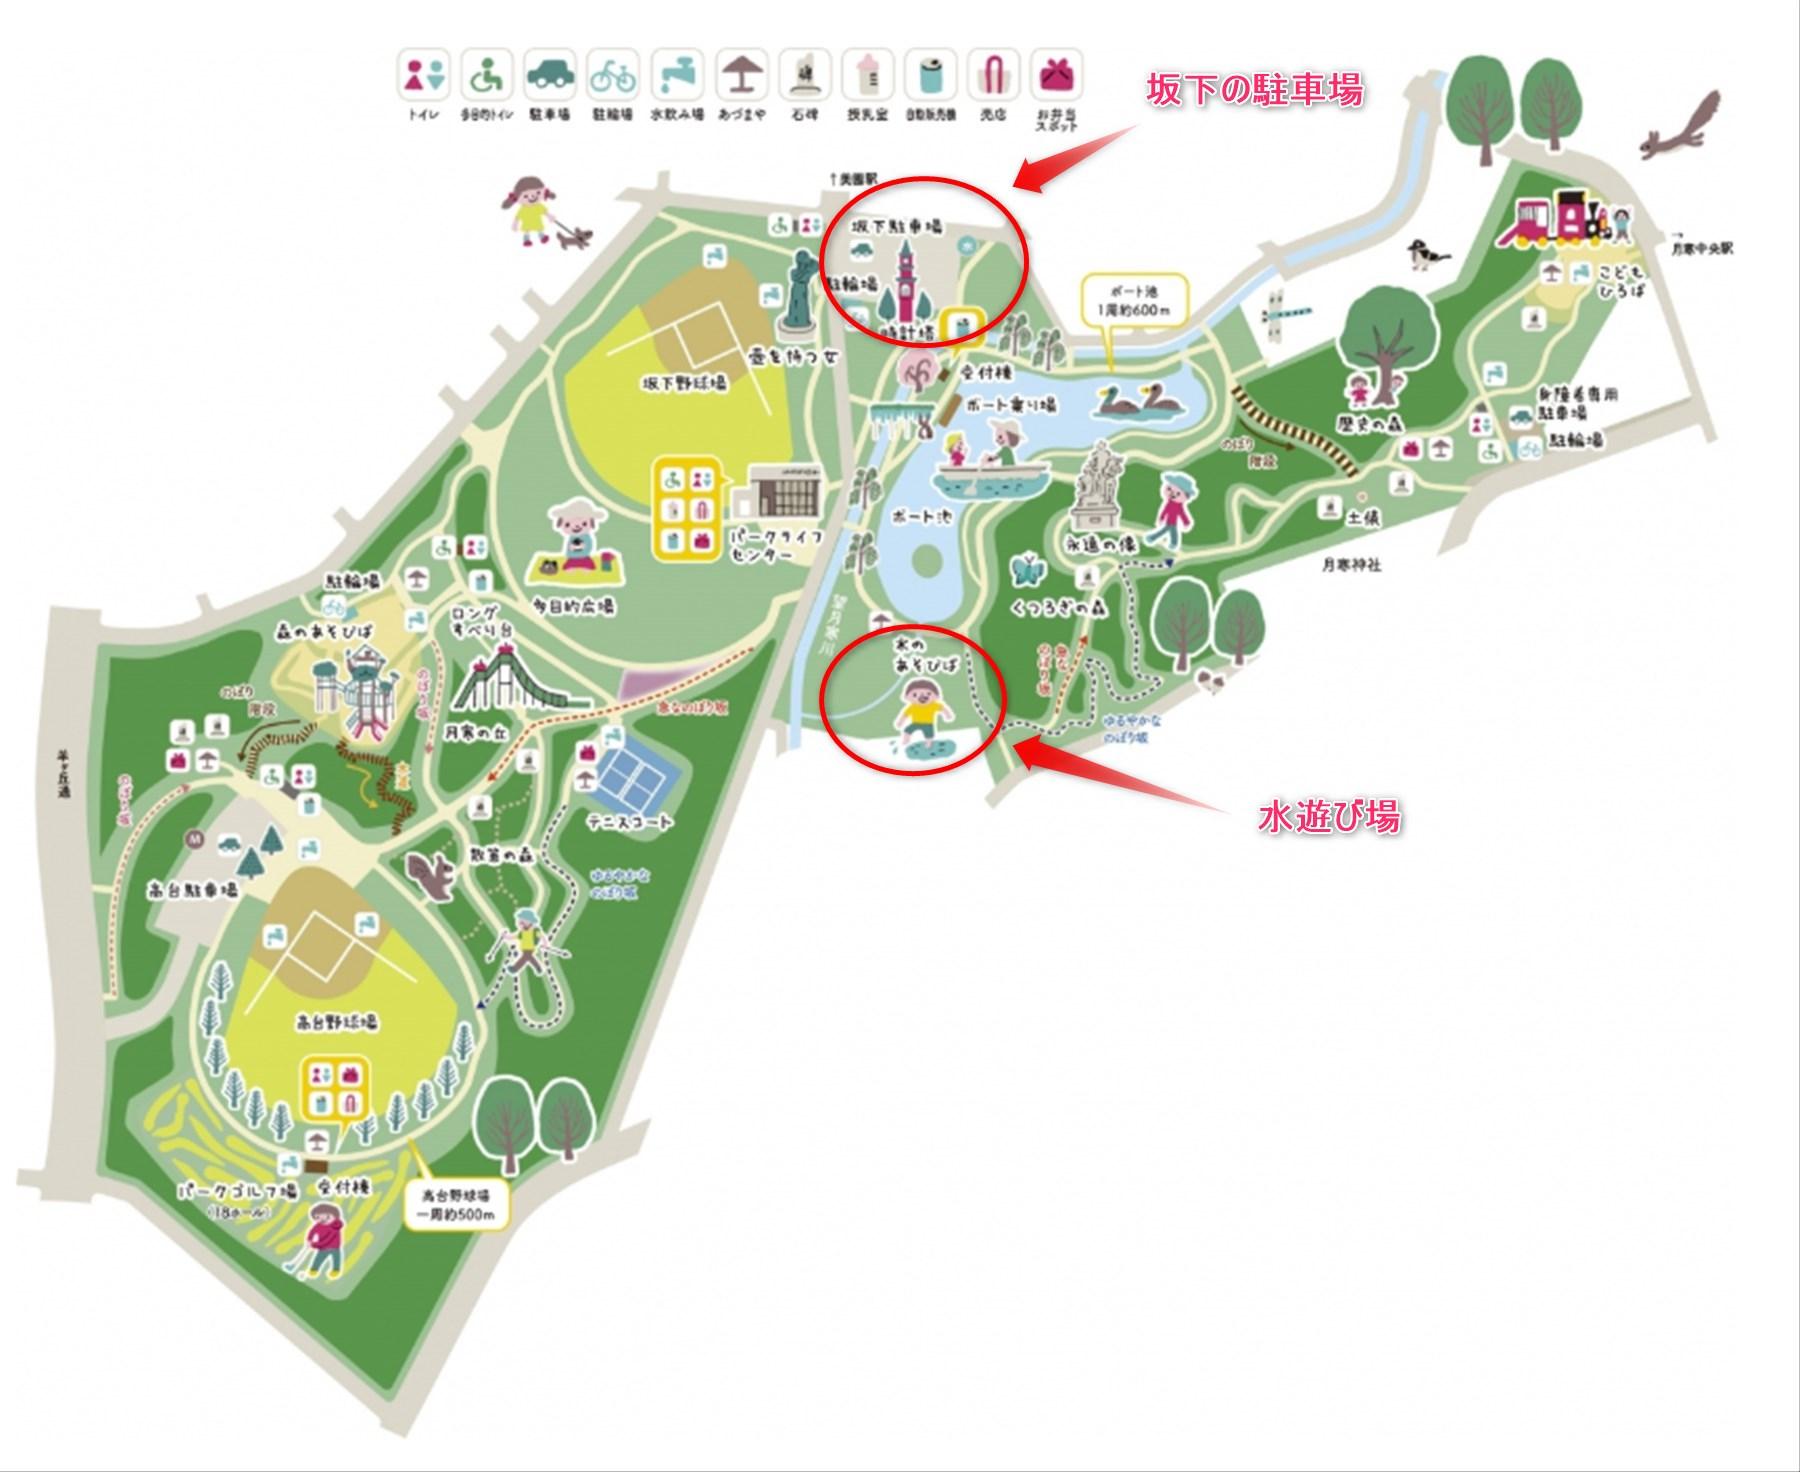 月寒公園水遊び場の地図